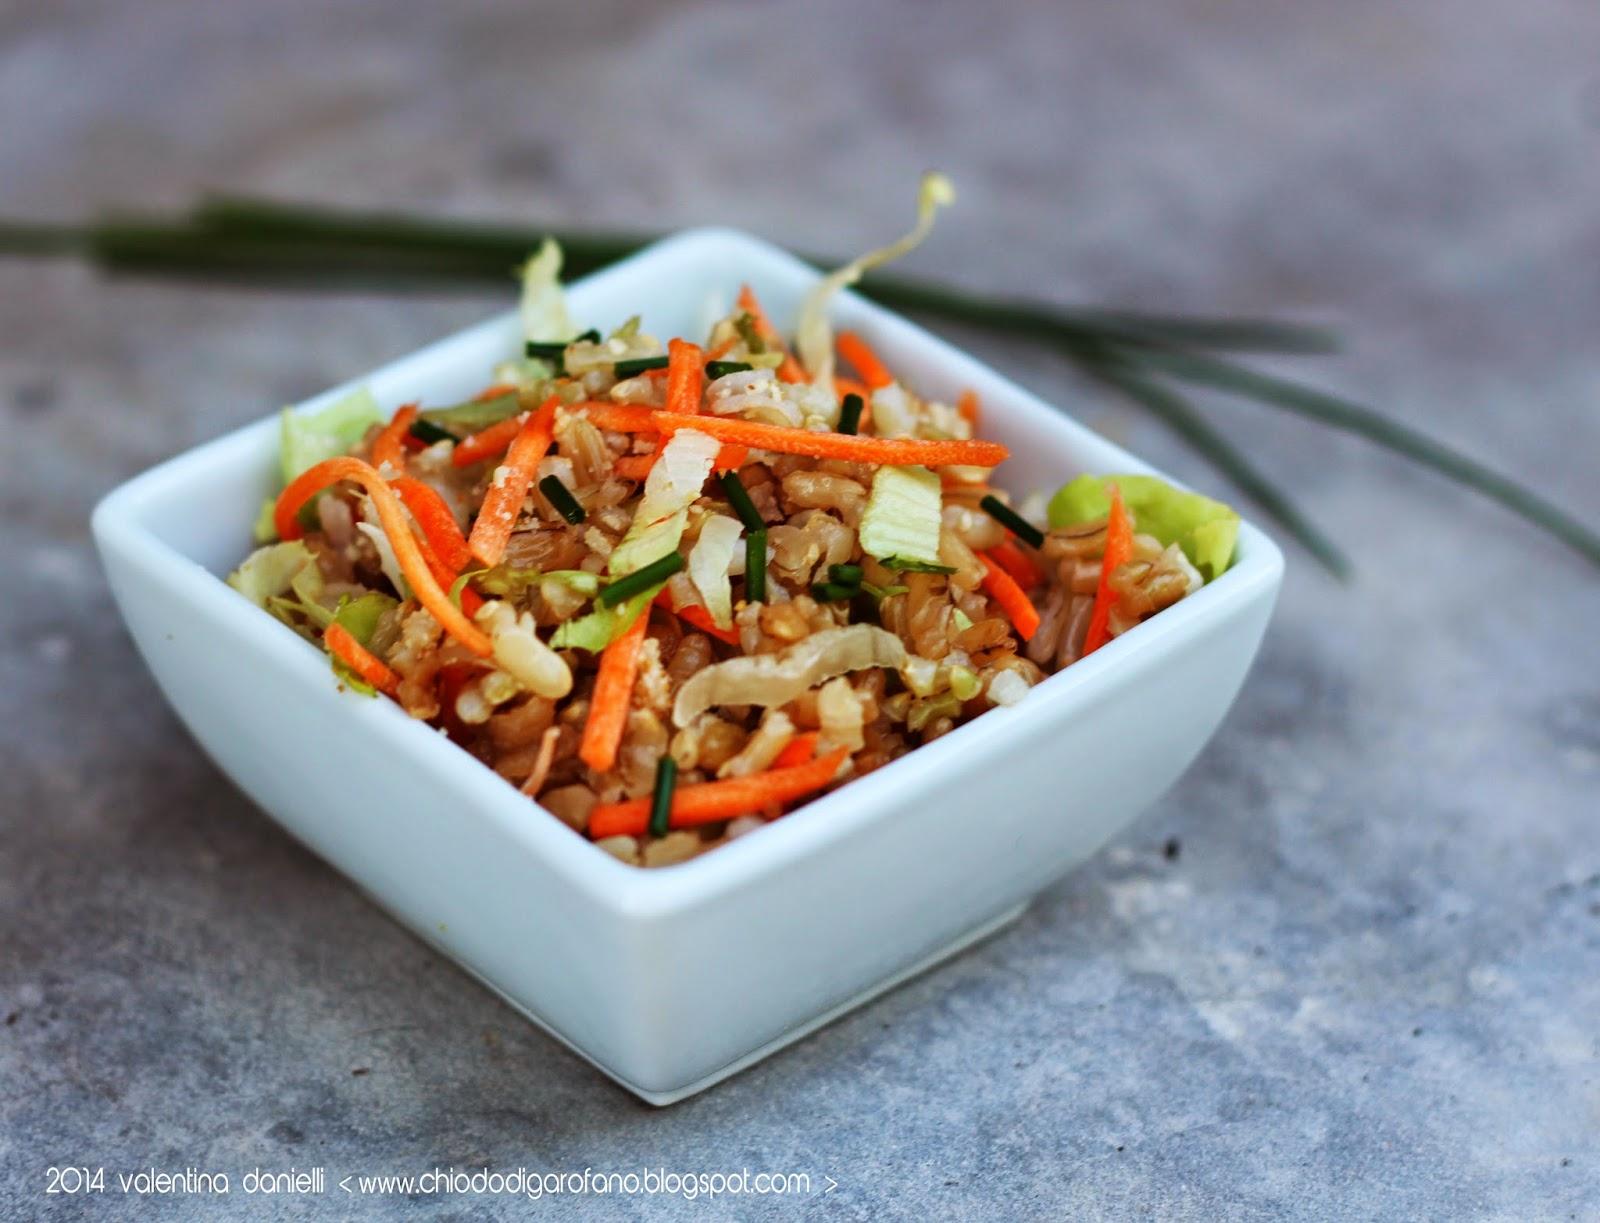 insalata di riso integrale con crudità